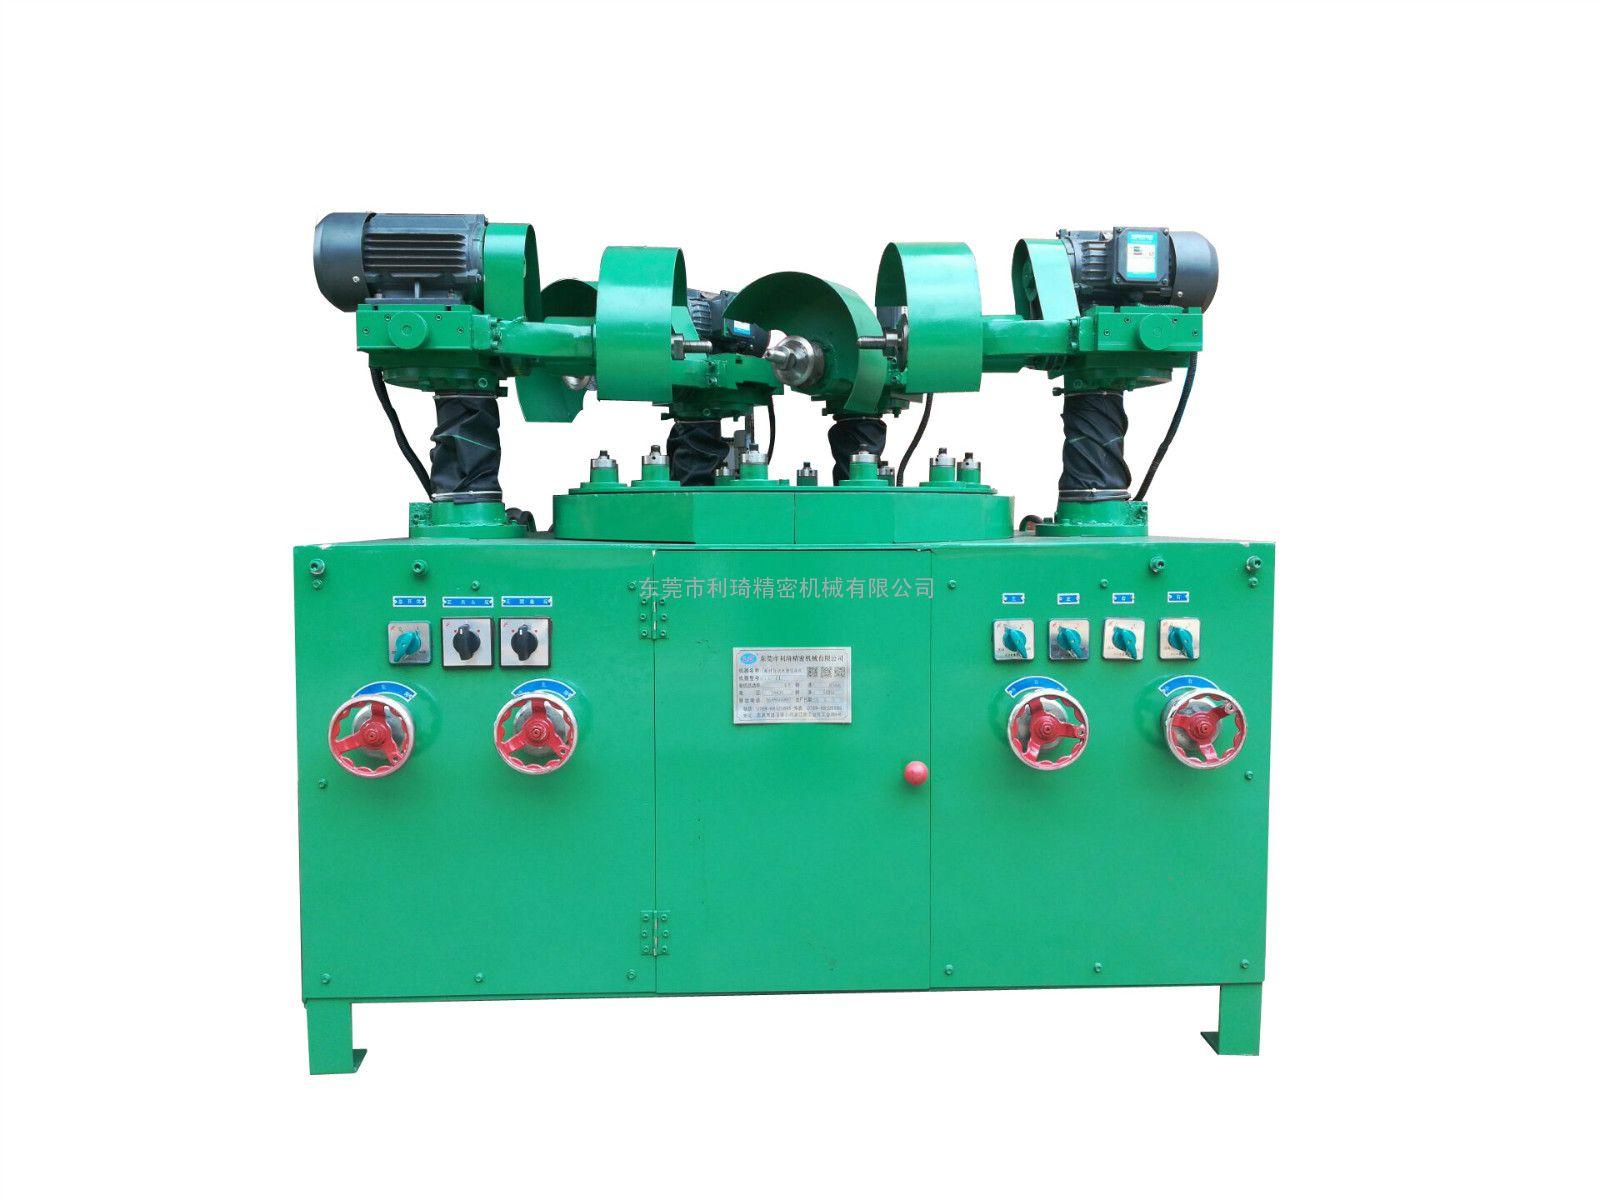 全自动金属打砂机 LC-ZP904A